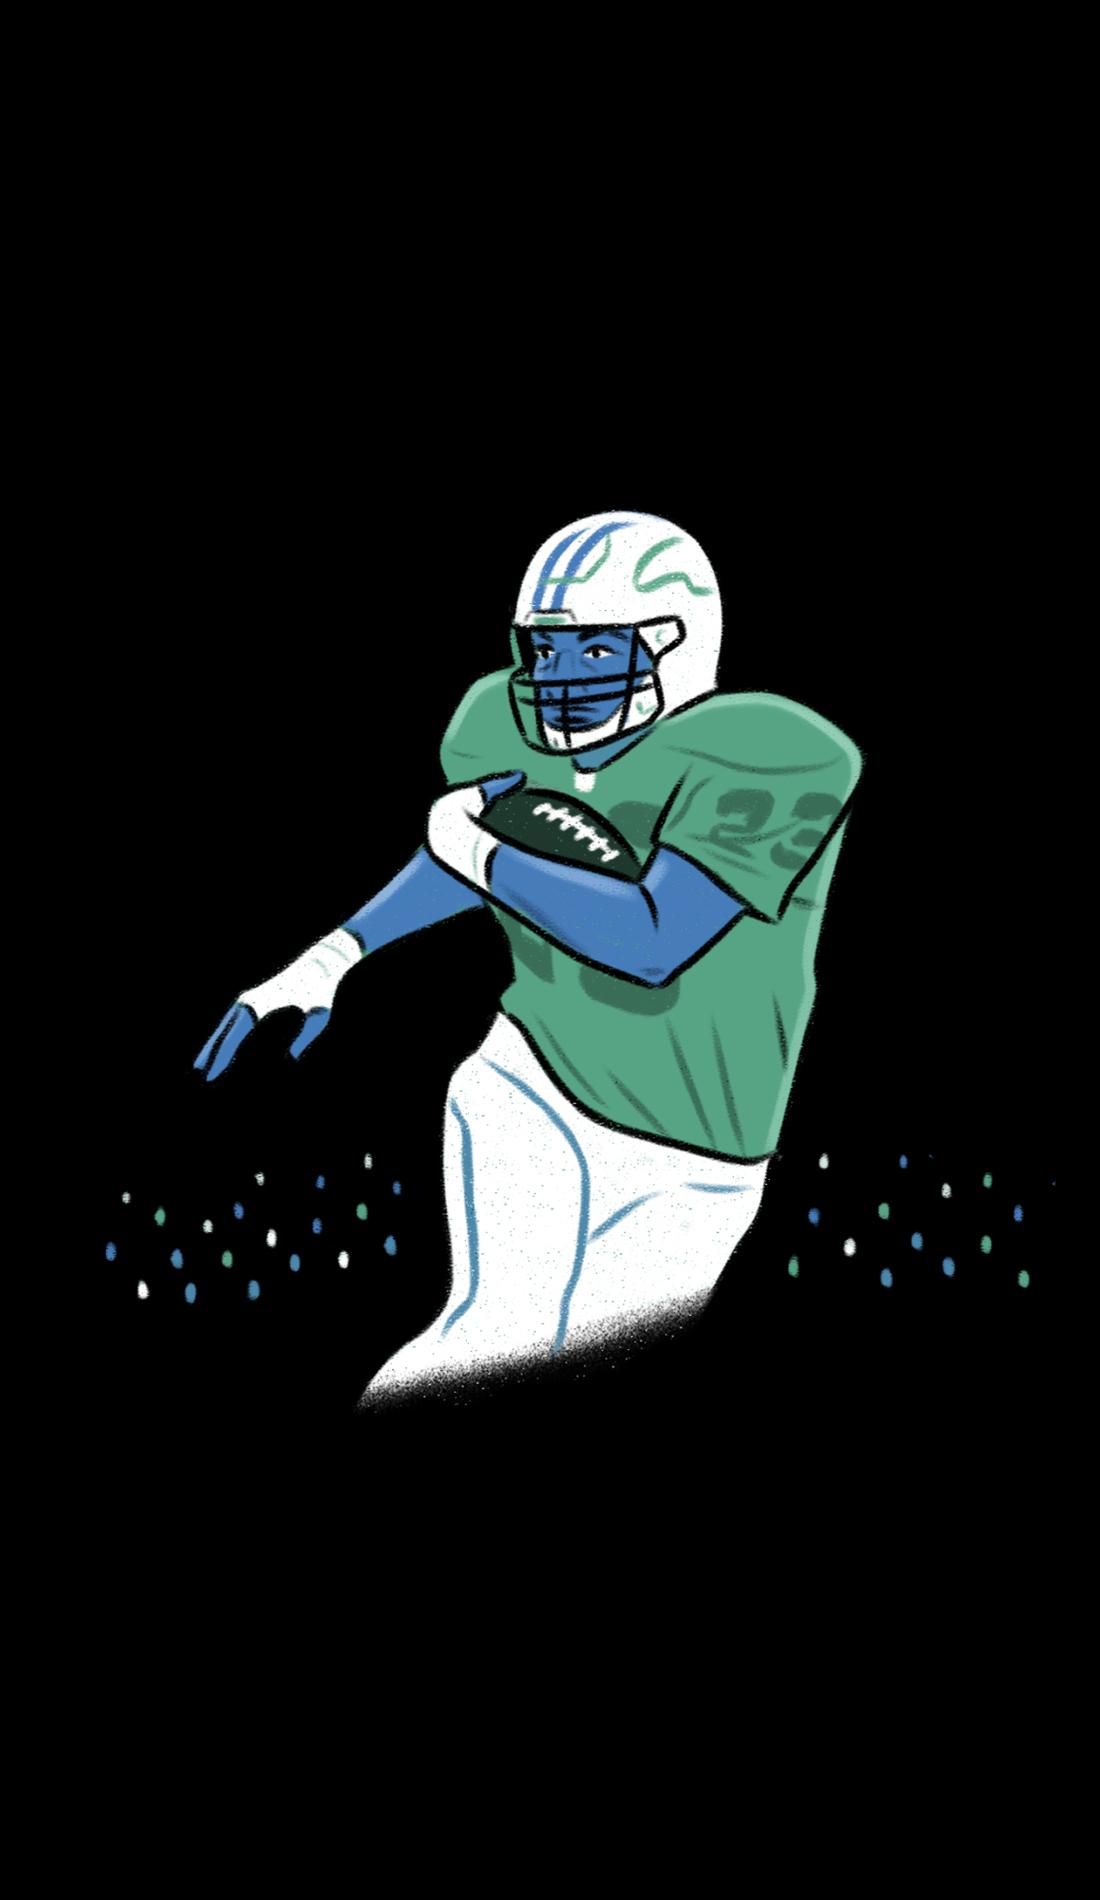 A Houston Baptist Huskies Football live event